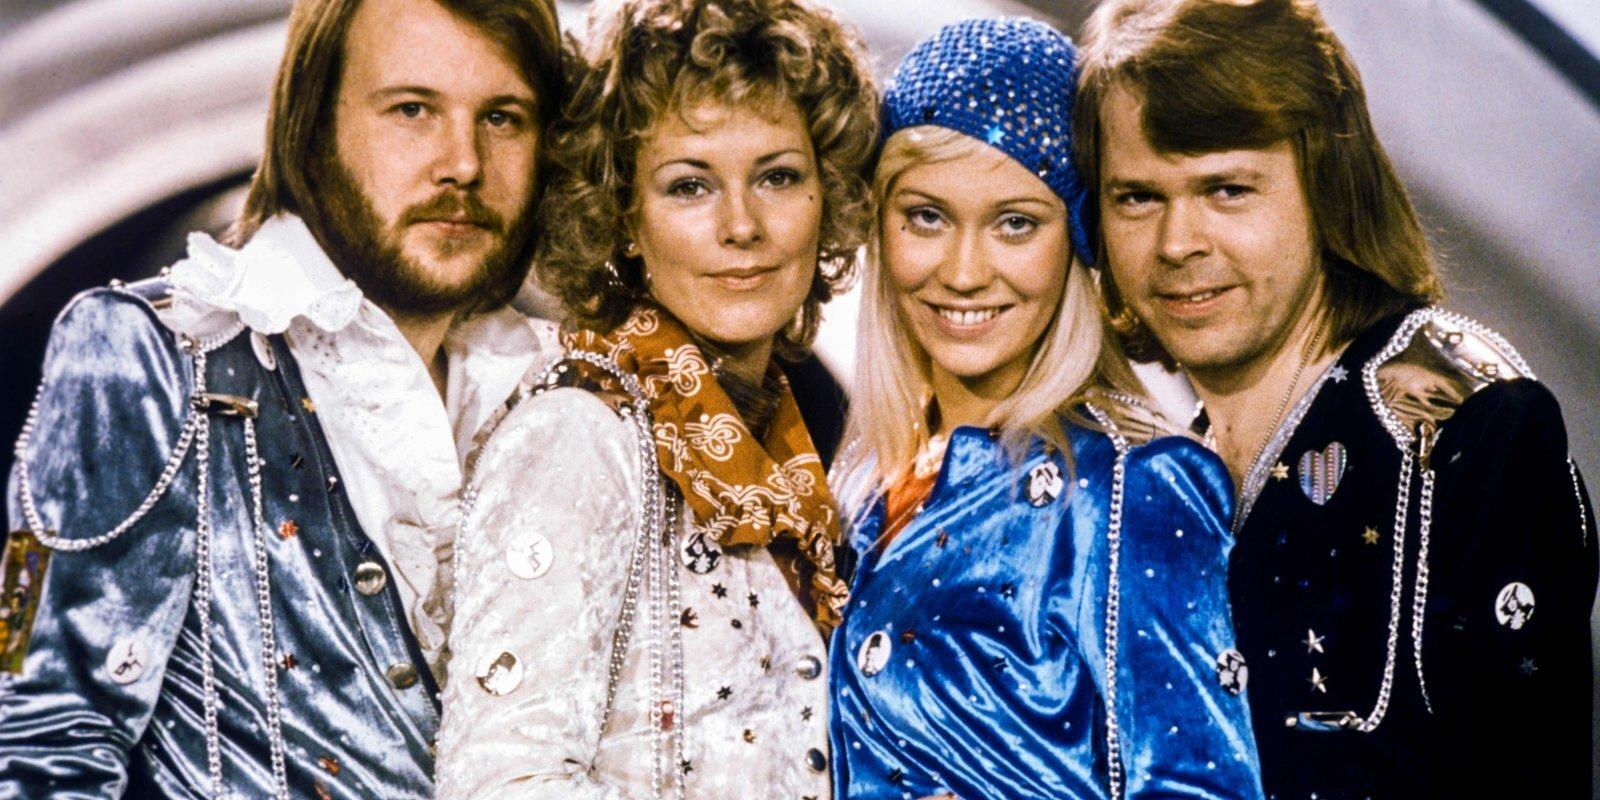 Fanu dievināti, kritiķu nievāti, vienmēr aktuāli: kā dzima 'ABBA' kults